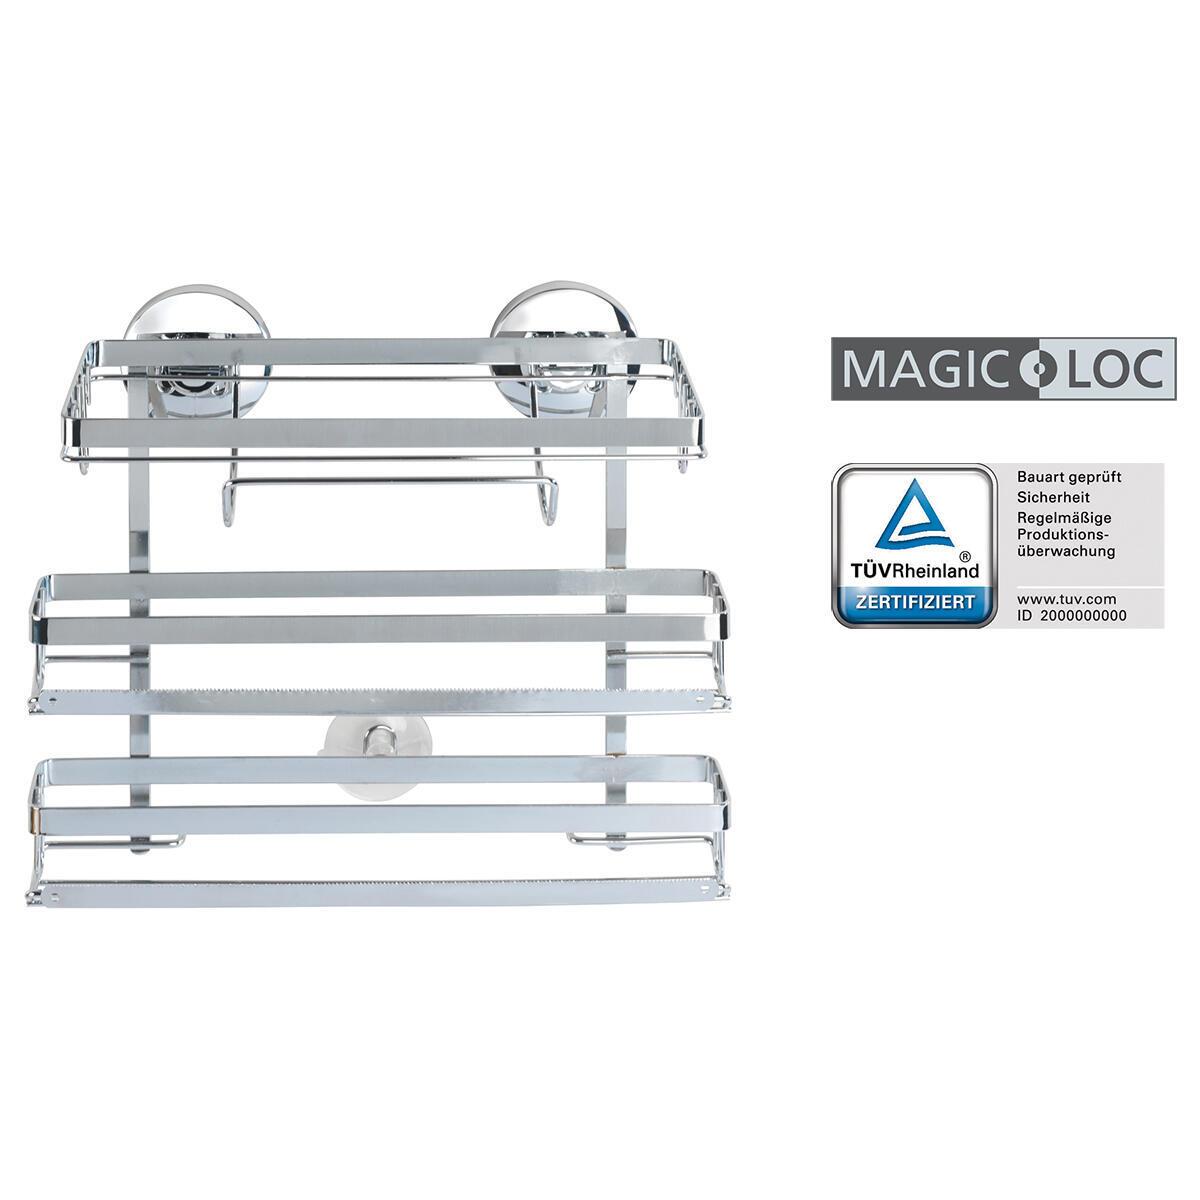 Porta rotolo carta assorbente Magic-Loc in metallo L 26 x P 33 x H 32 cm - 4